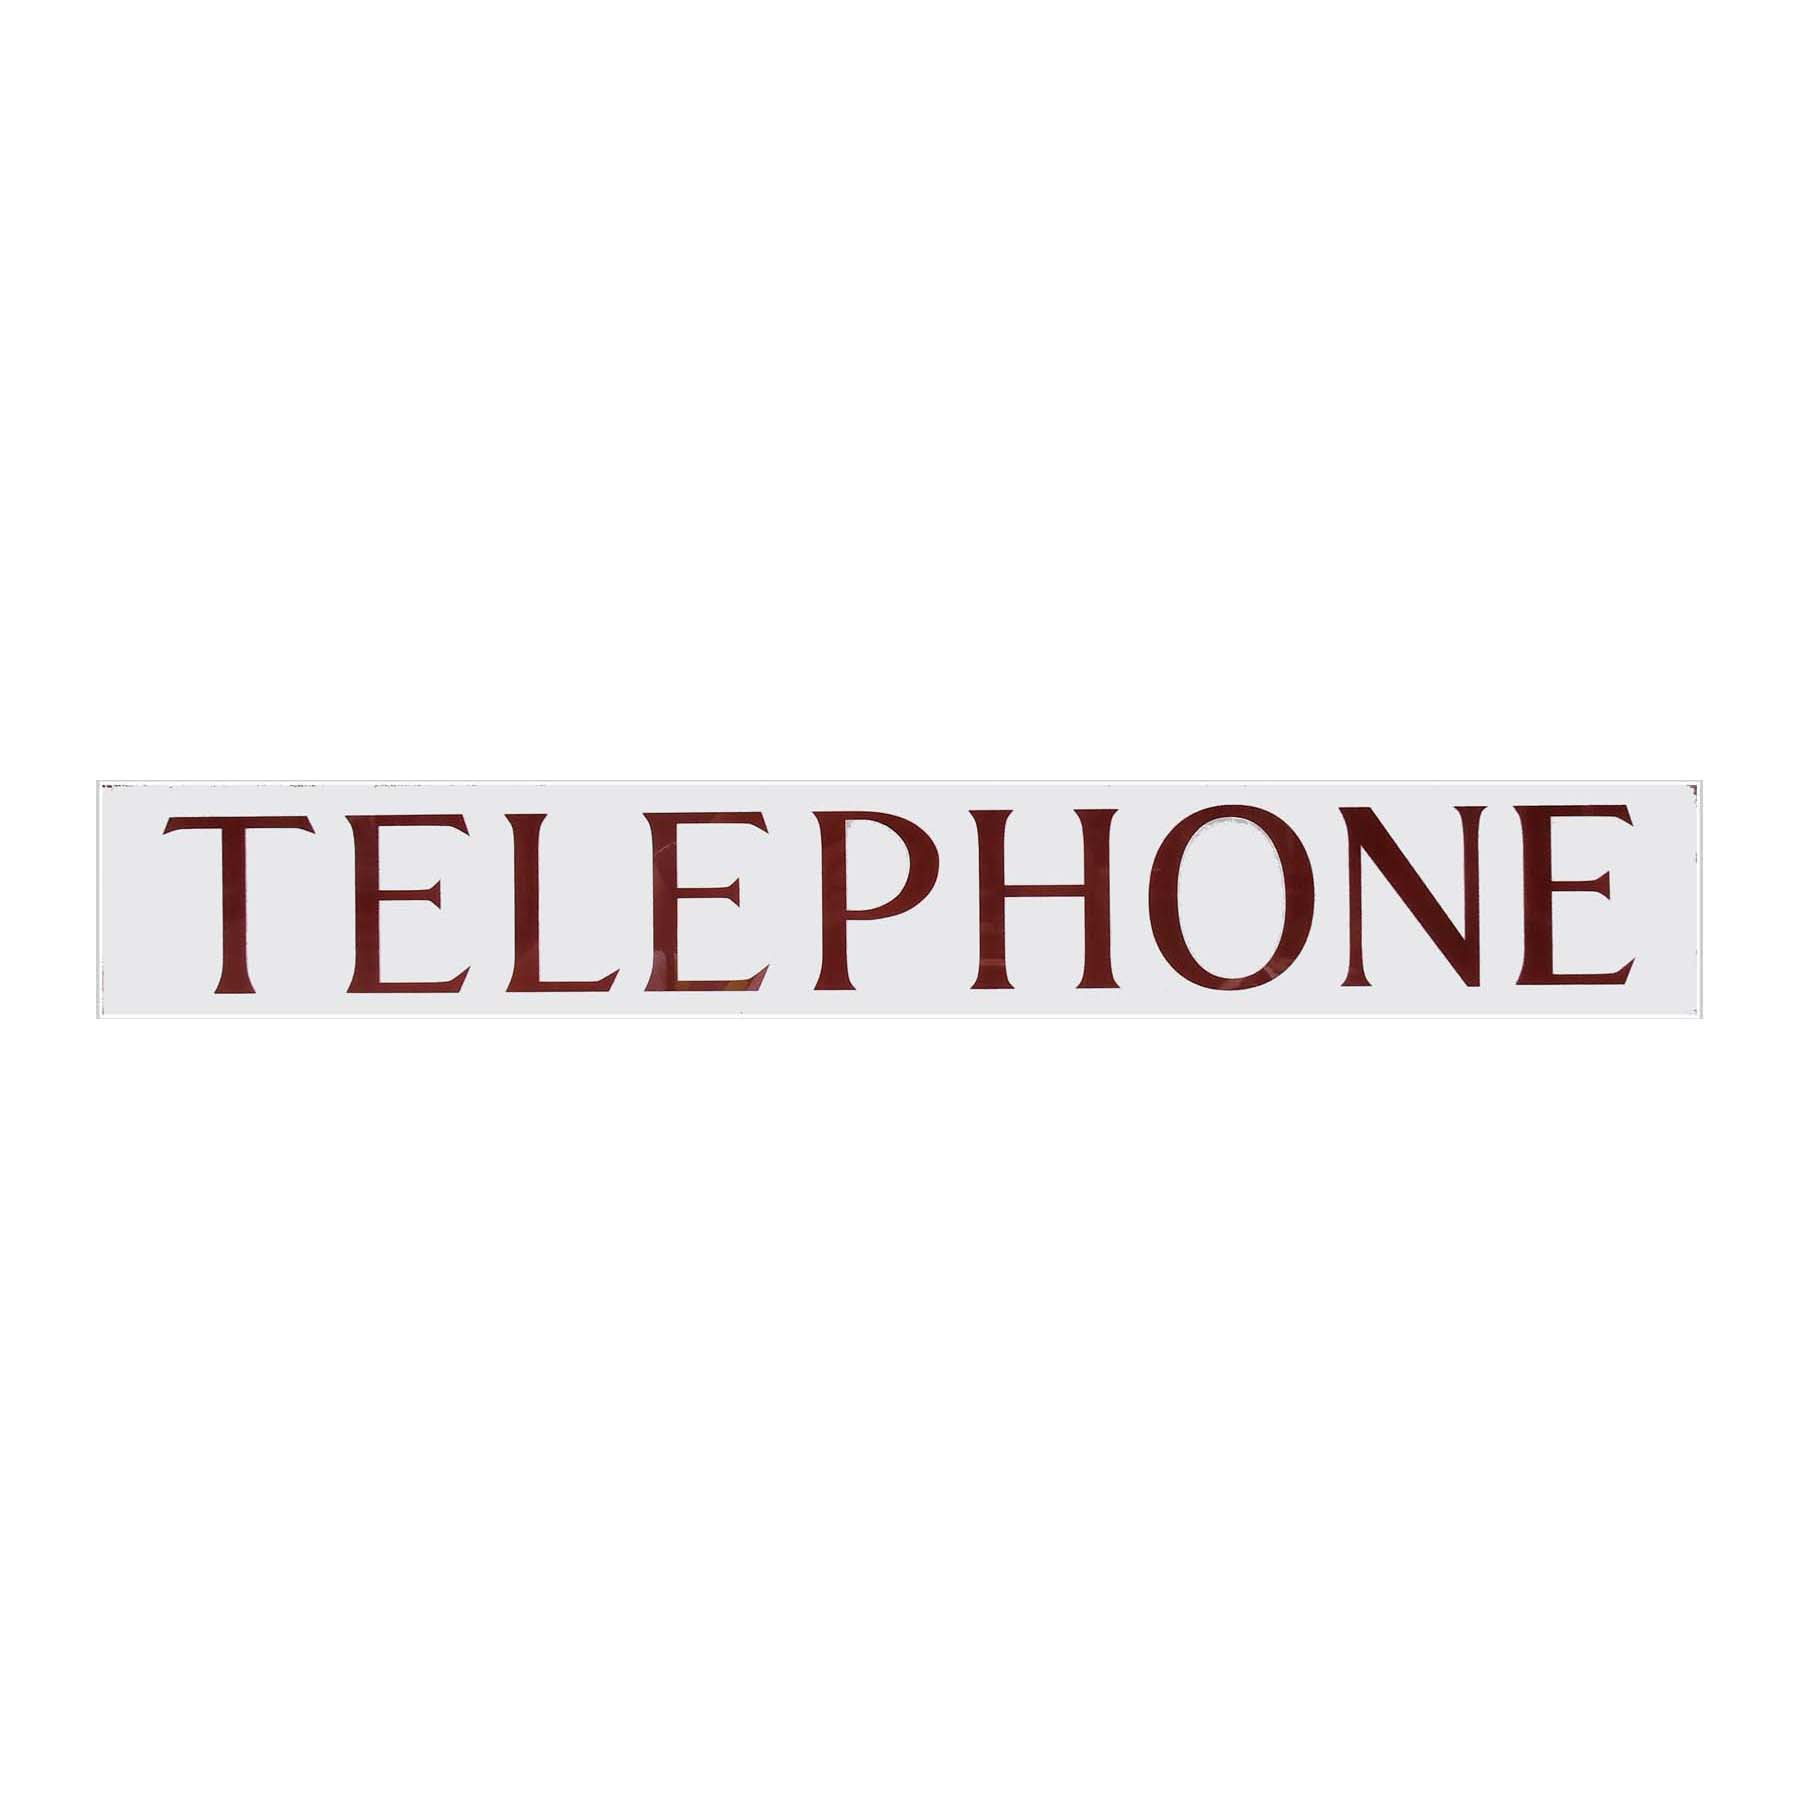 RED TELEPHONE BOX FRAMED TELEPHONE SIGN K6 BOOTH KIOSK